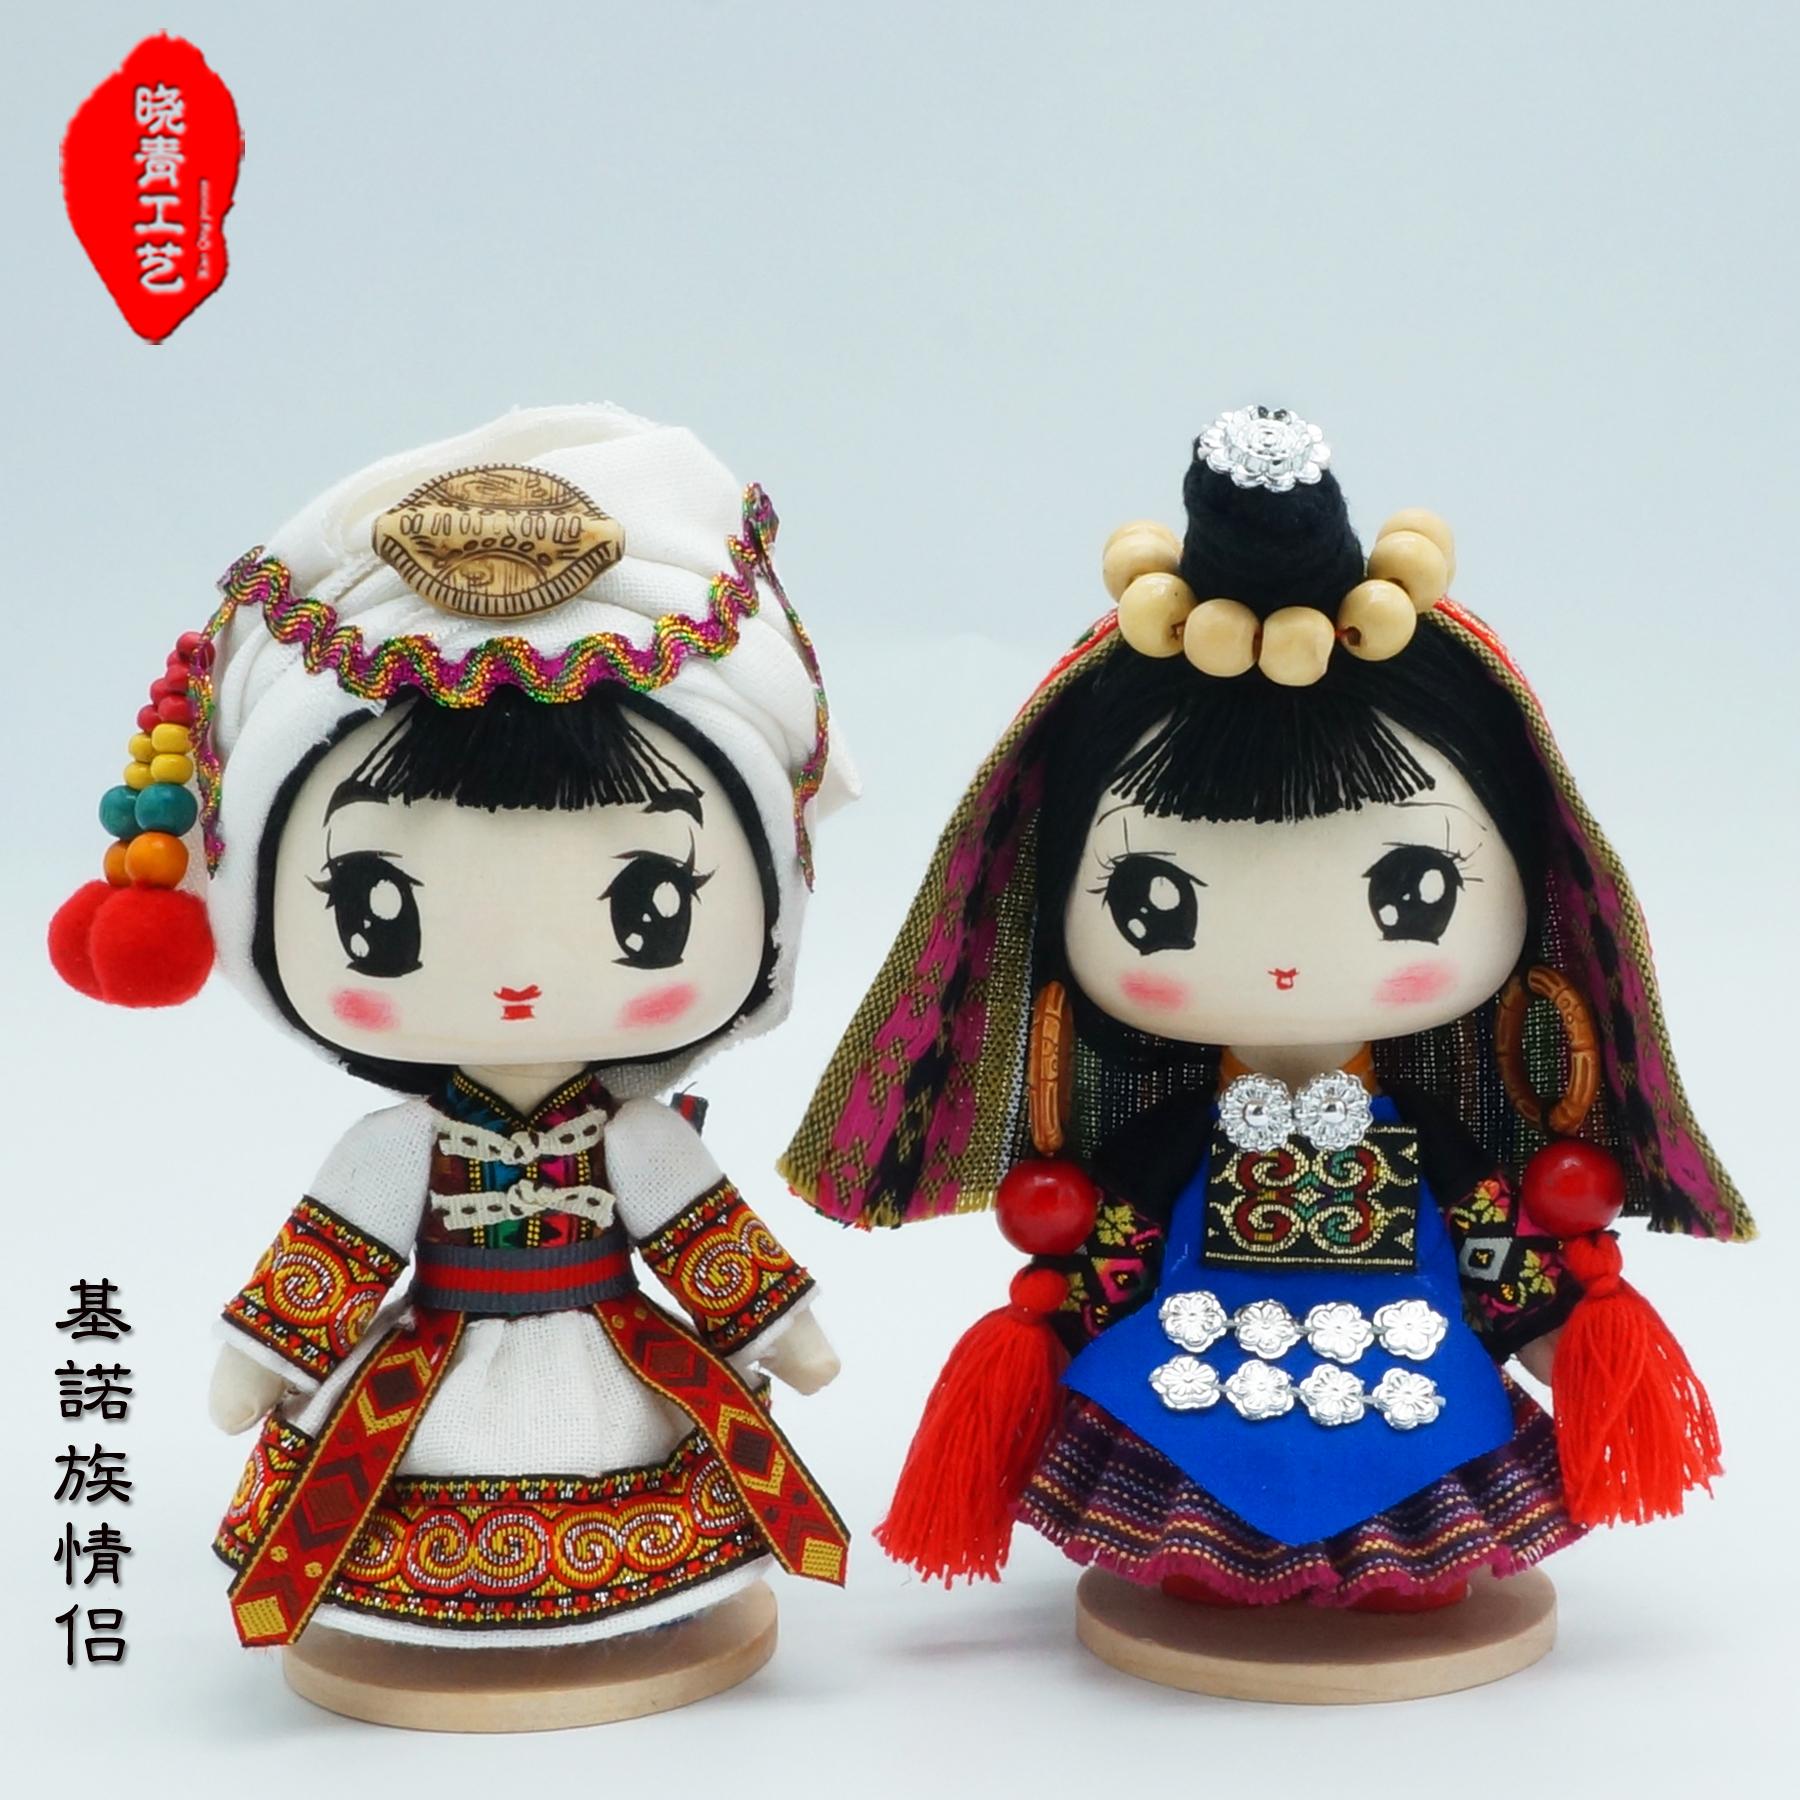 晓青工艺17cm基诺族娃娃 Q版木制手工民族娃娃木偶 云南特色礼品